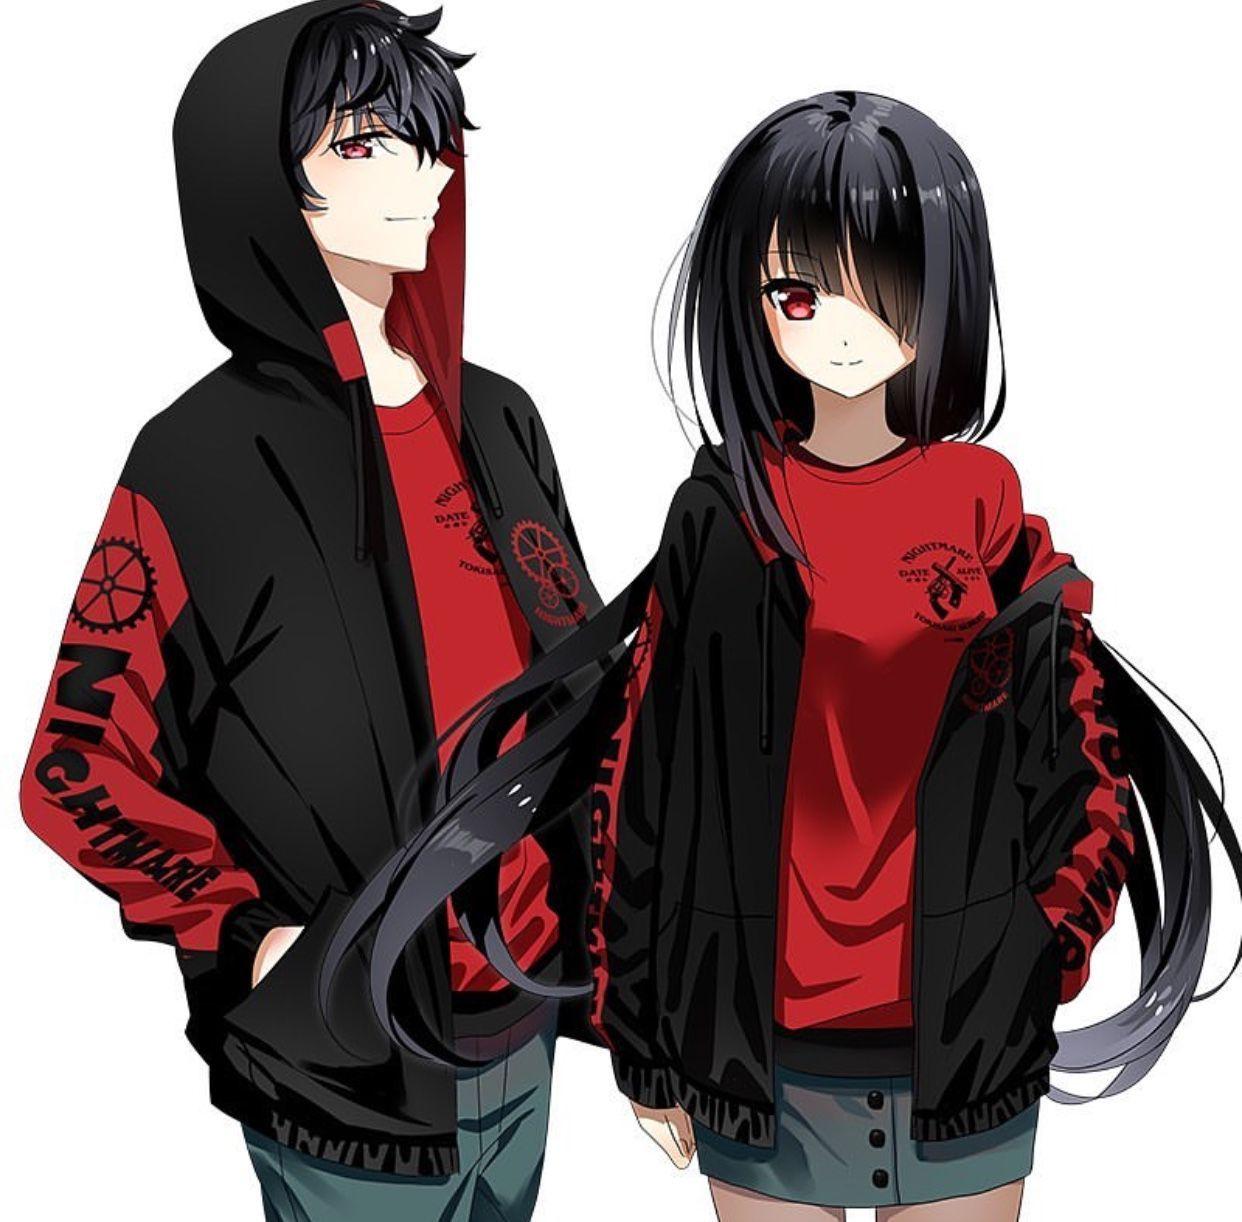 Life With The Fright Girls An Rp Menina Gata De Anime Menina Anime Desenhos De Casais Anime